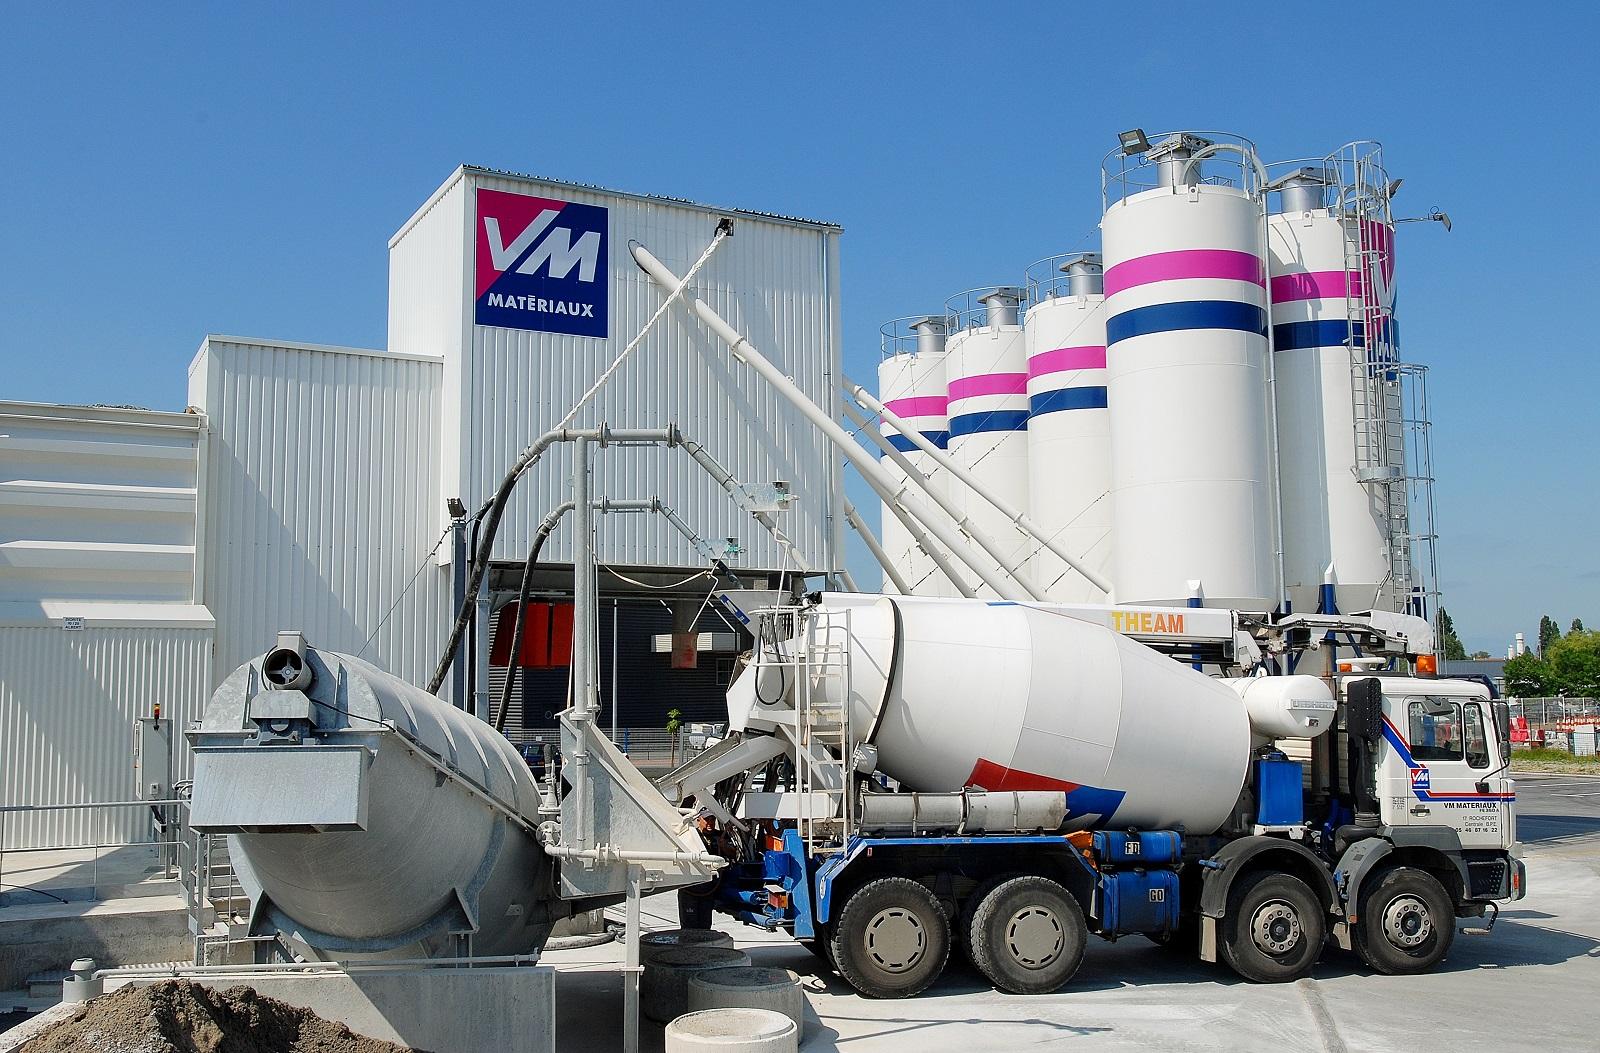 vm-beton